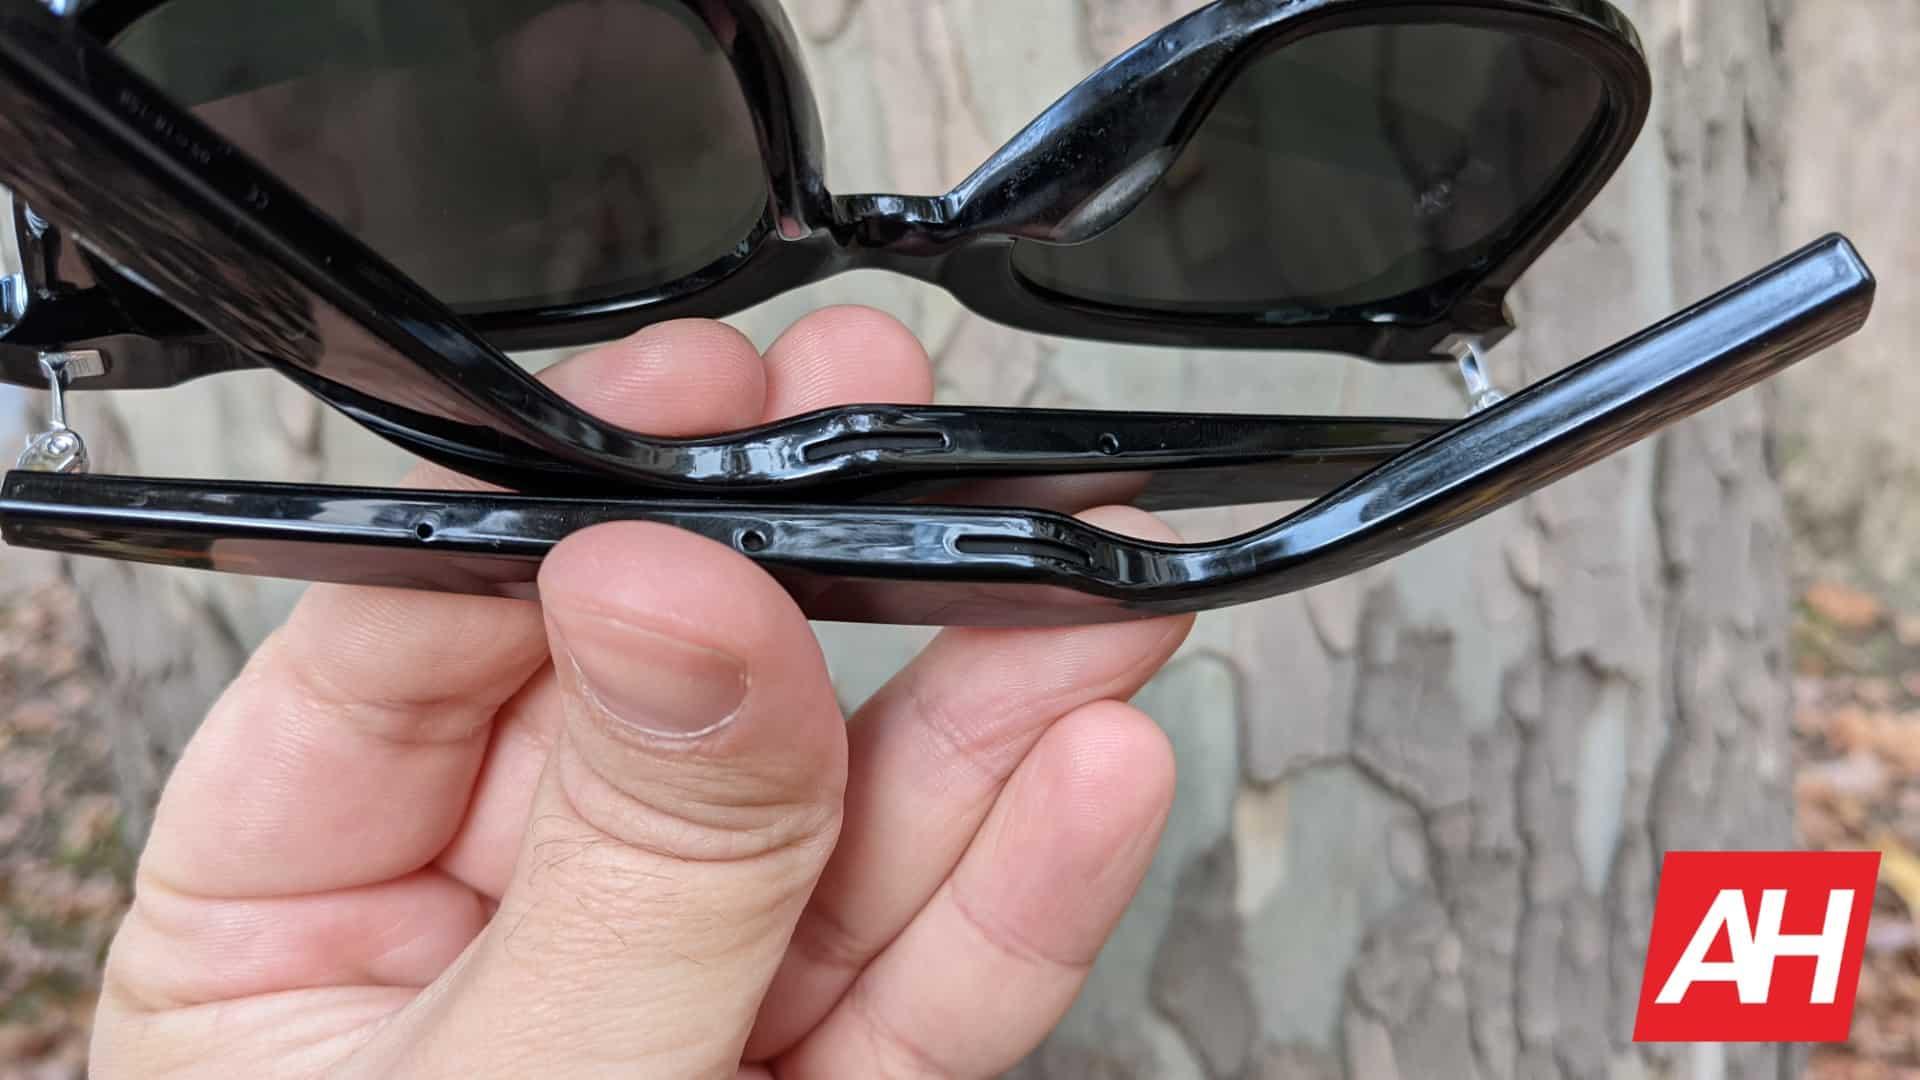 AH Huawei X Gentle Monster Eyewear II image 17